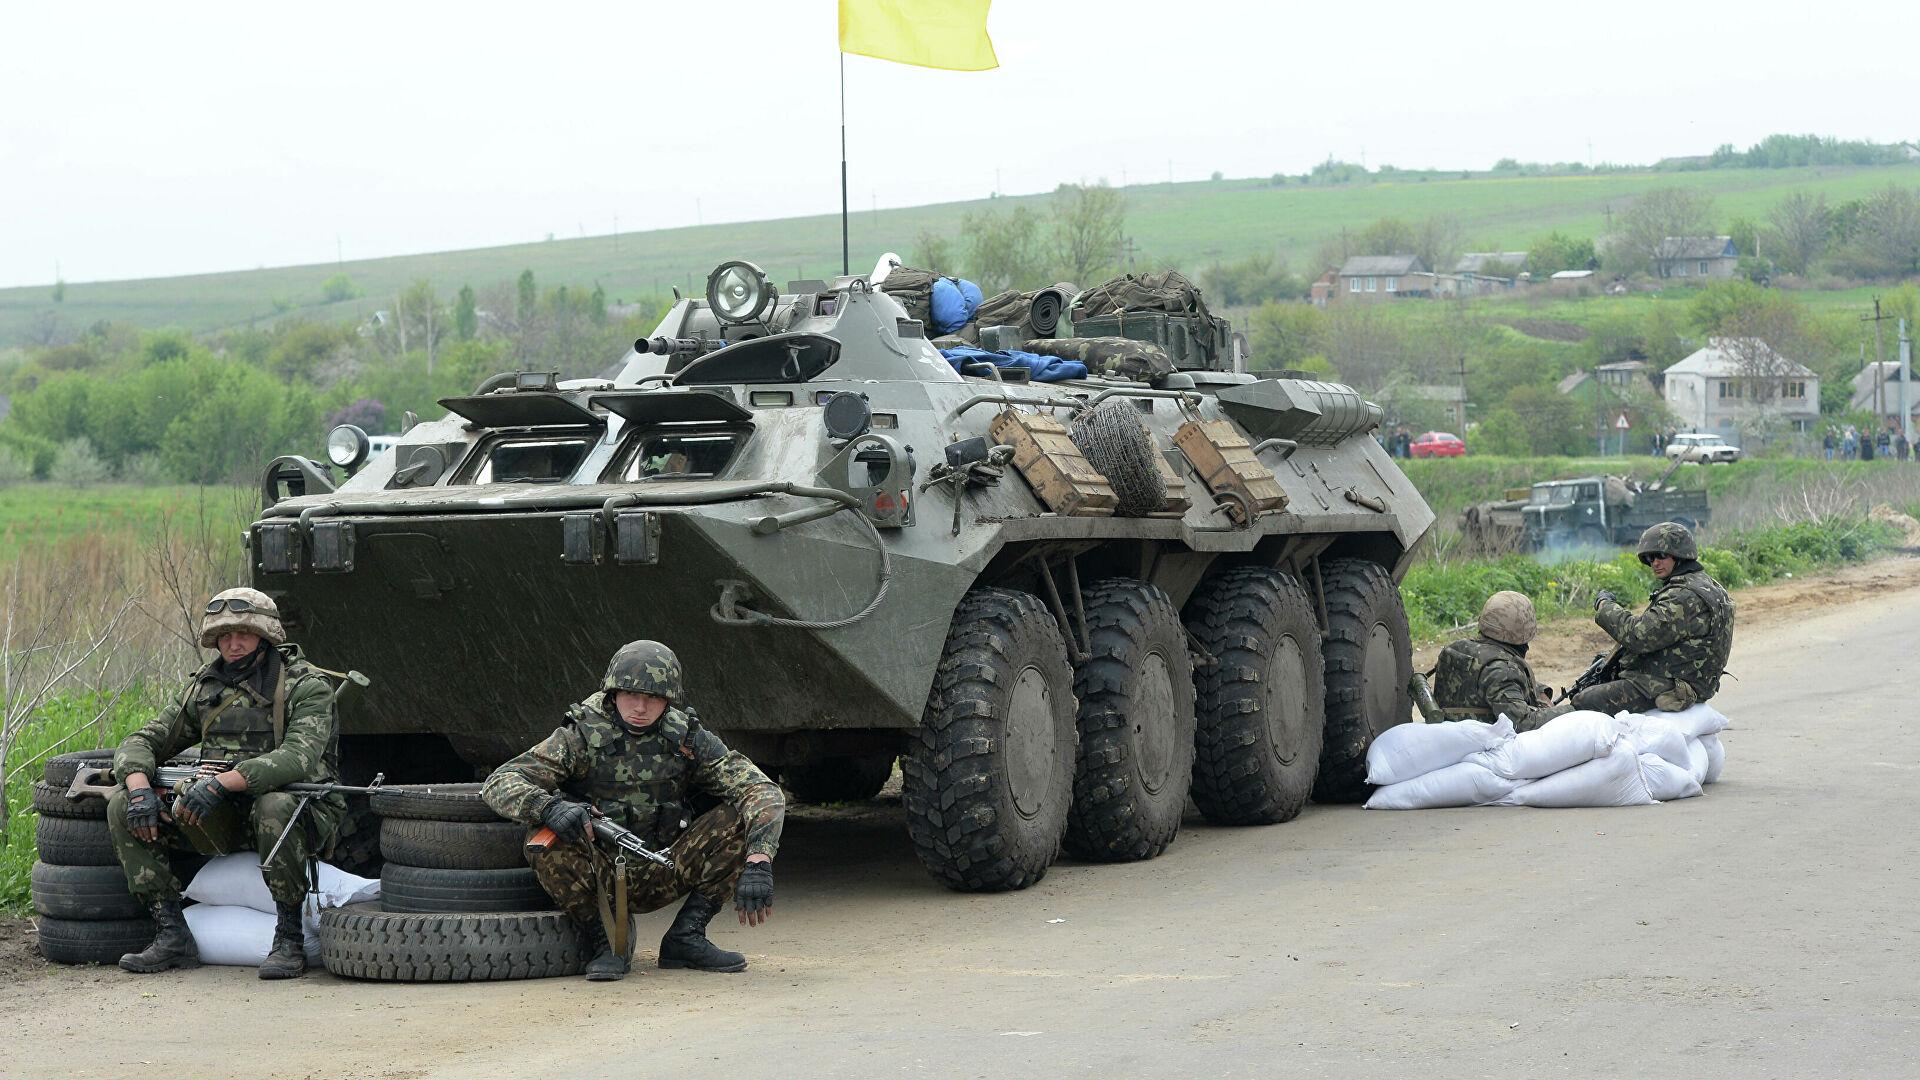 Ուկրաինայի զինված ուժերը գրավել են Դոնբասի շփման գծում գտնվող Ստարոմարևկա գյուղը